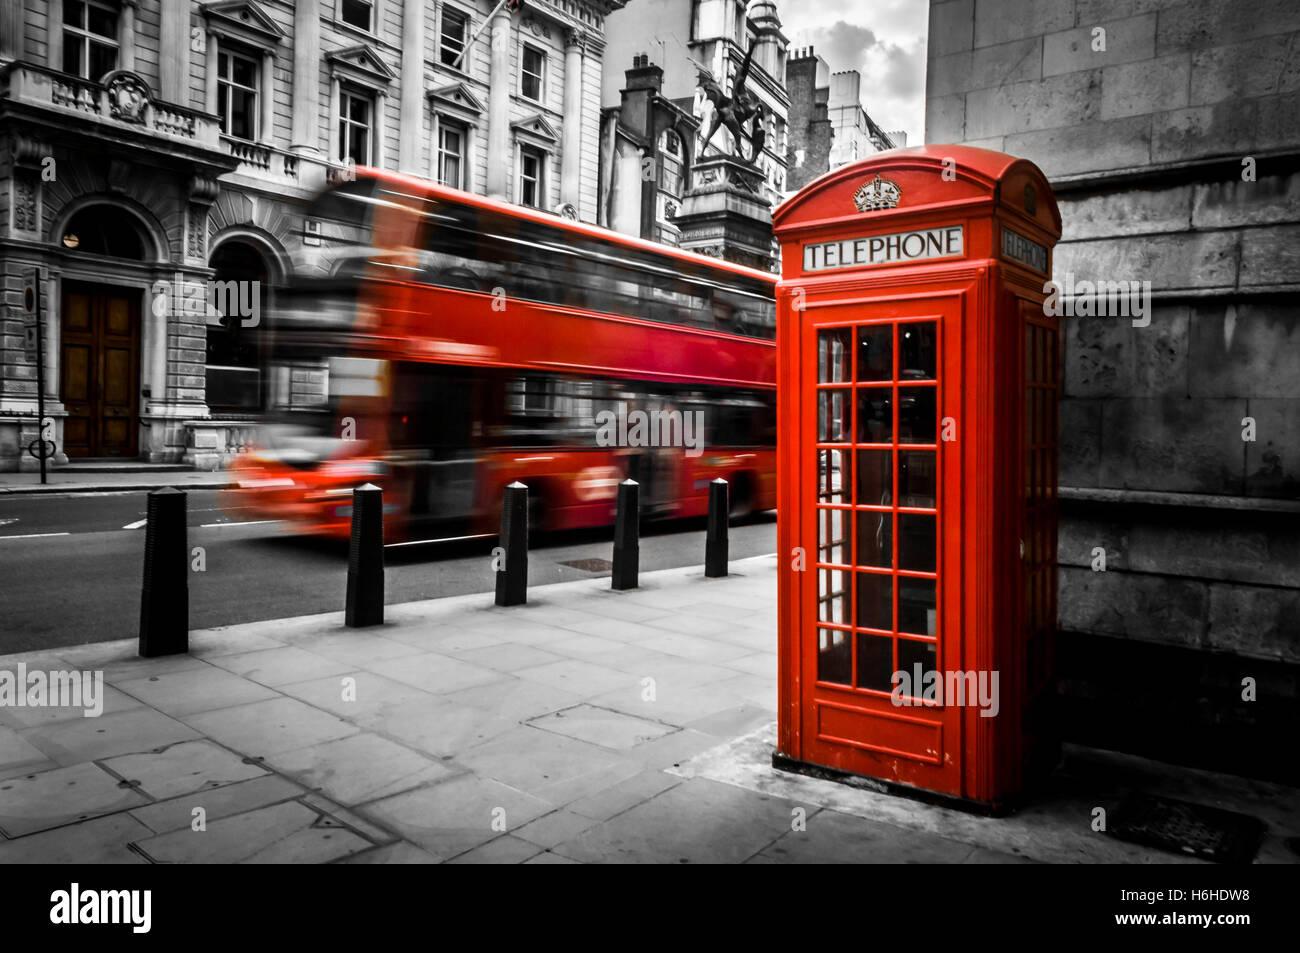 london im d steren schwarz wei mit beweglichen bus und eine telefonzelle isoliert rot. Black Bedroom Furniture Sets. Home Design Ideas